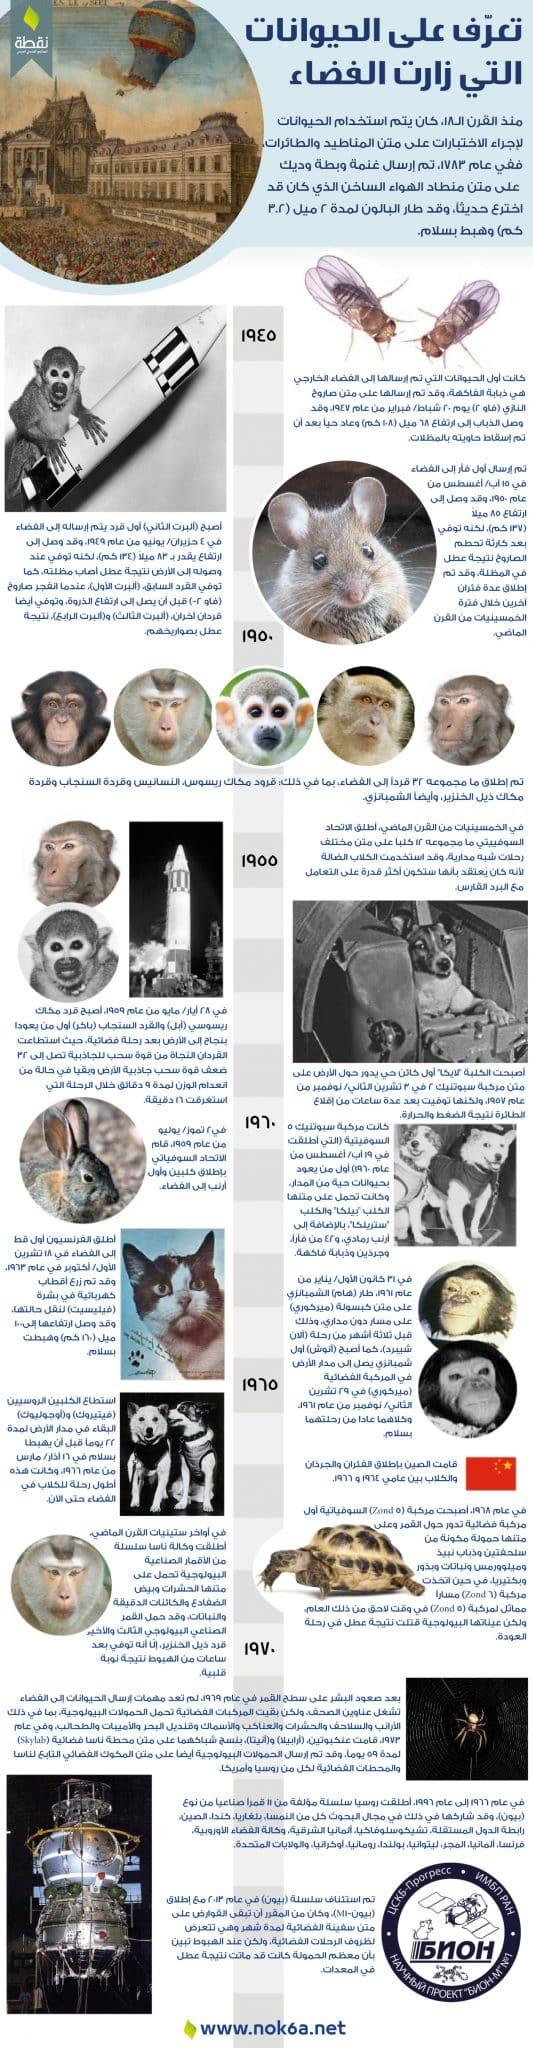 انفوغراف-الحيوانات-التي-زارت-الفضاء